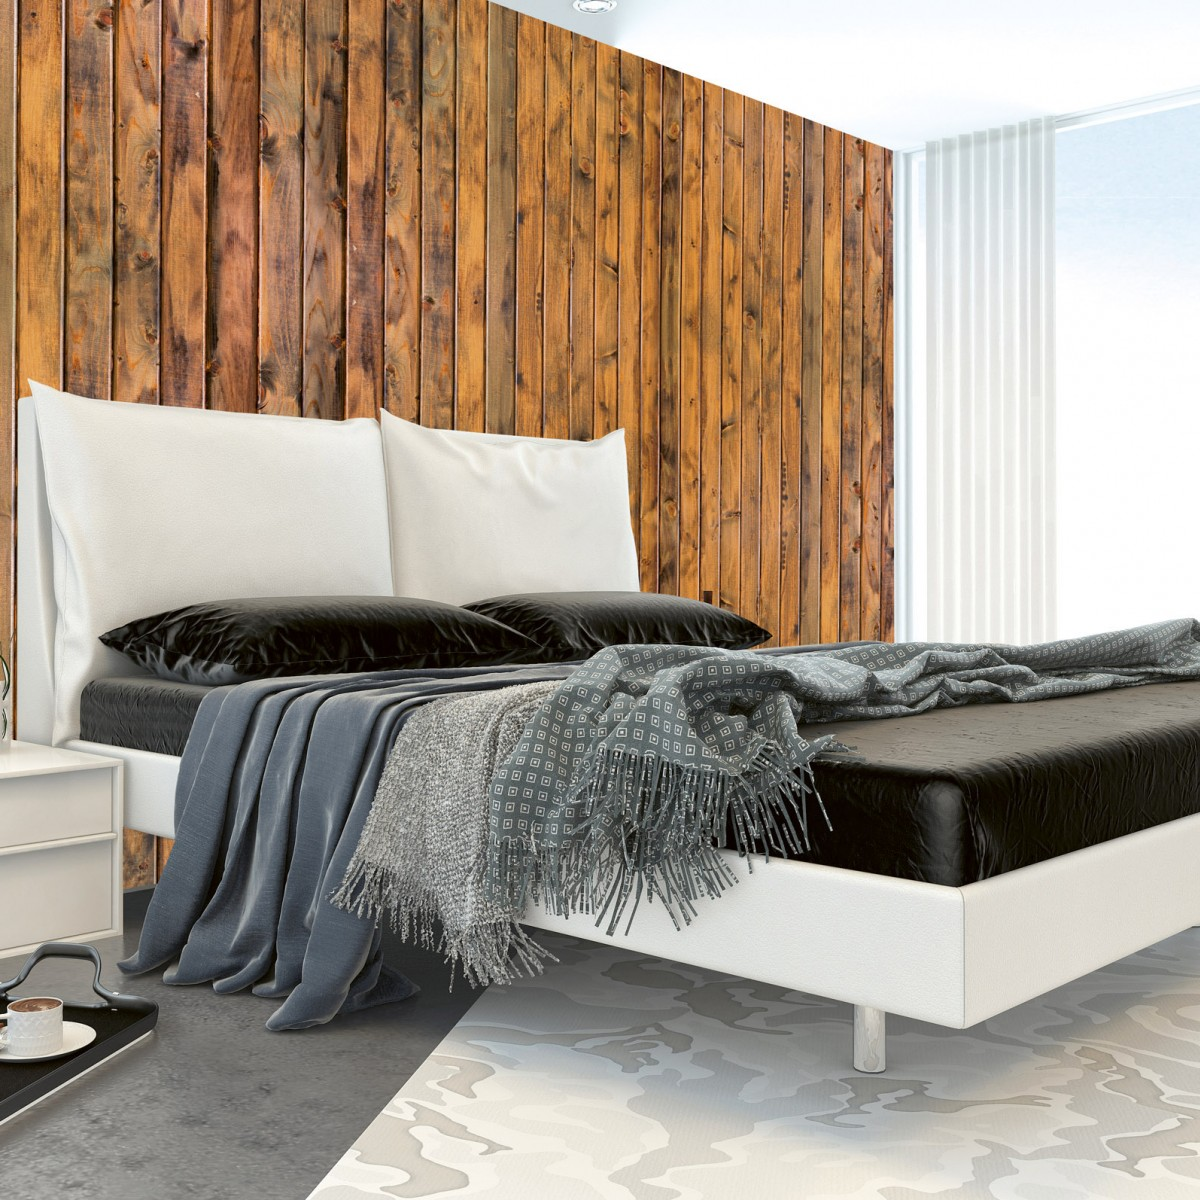 Foto tapet 3D Wood Plank, Dimex, 5 fâșii, 375 x 250cm